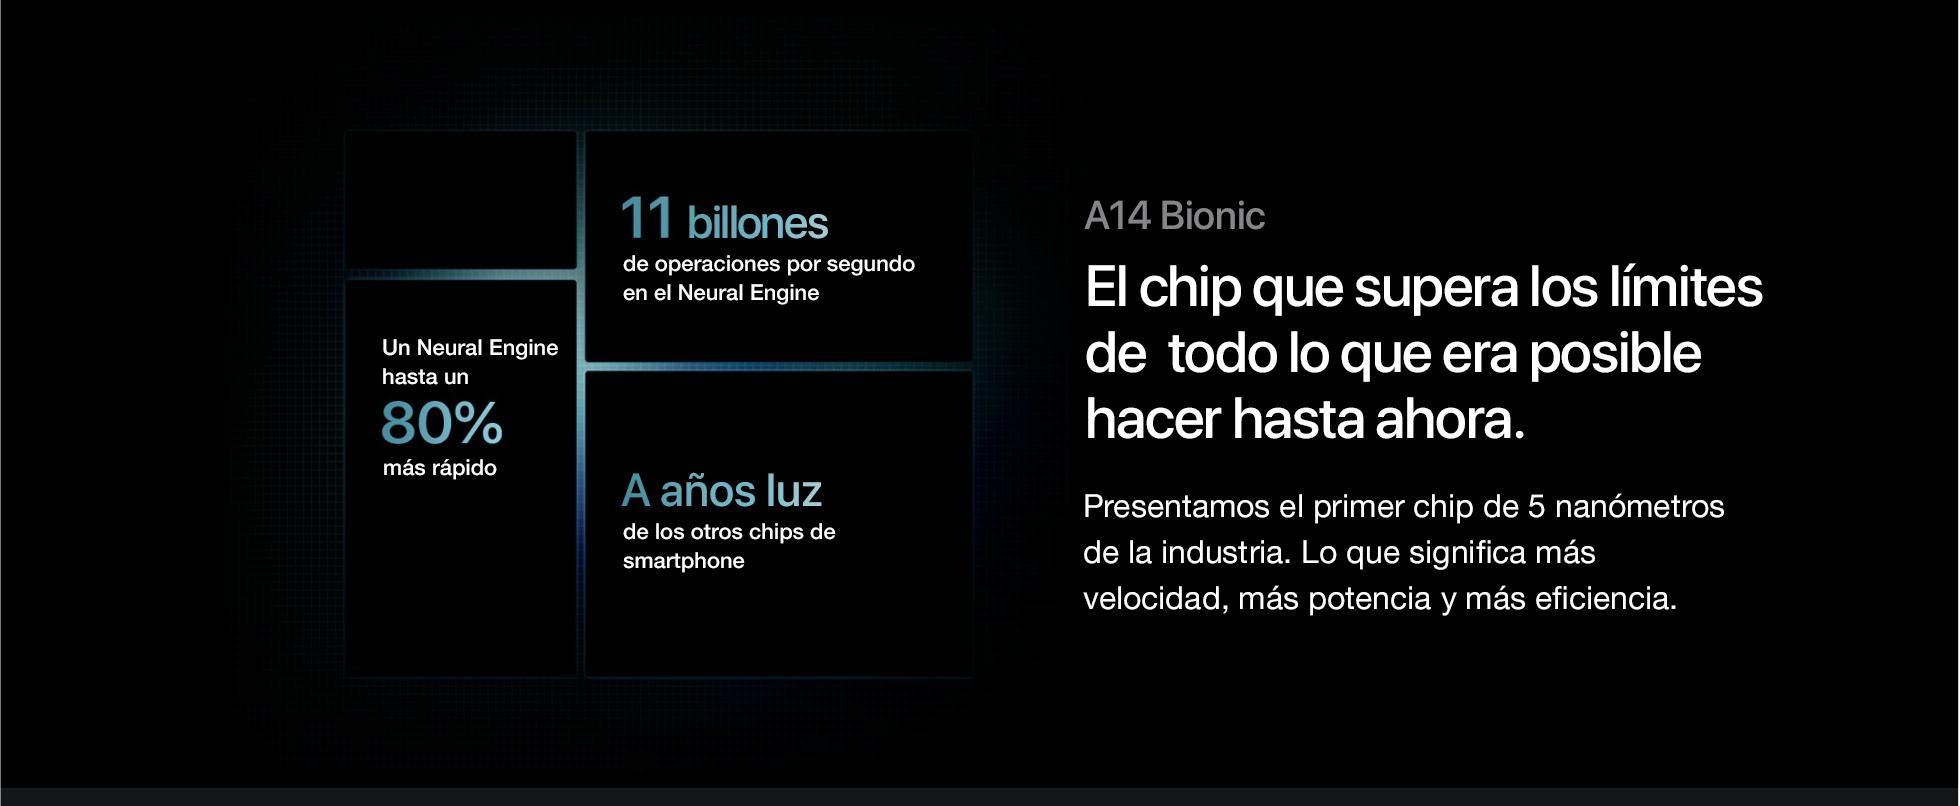 A14Bionic.El chip que supera los límites de todo lo que era posible hacer hasta ahora. El chip A14 Bionic es el más rápido en un smartphone. Con Neural Engine de 16 núcleos, procesa miles de millones de operaciones por segundo. Además, es supereficiente para ofrecer una gran duración de batería. A14 Bionic. El mismo chip que el iPhone 12 Pro.